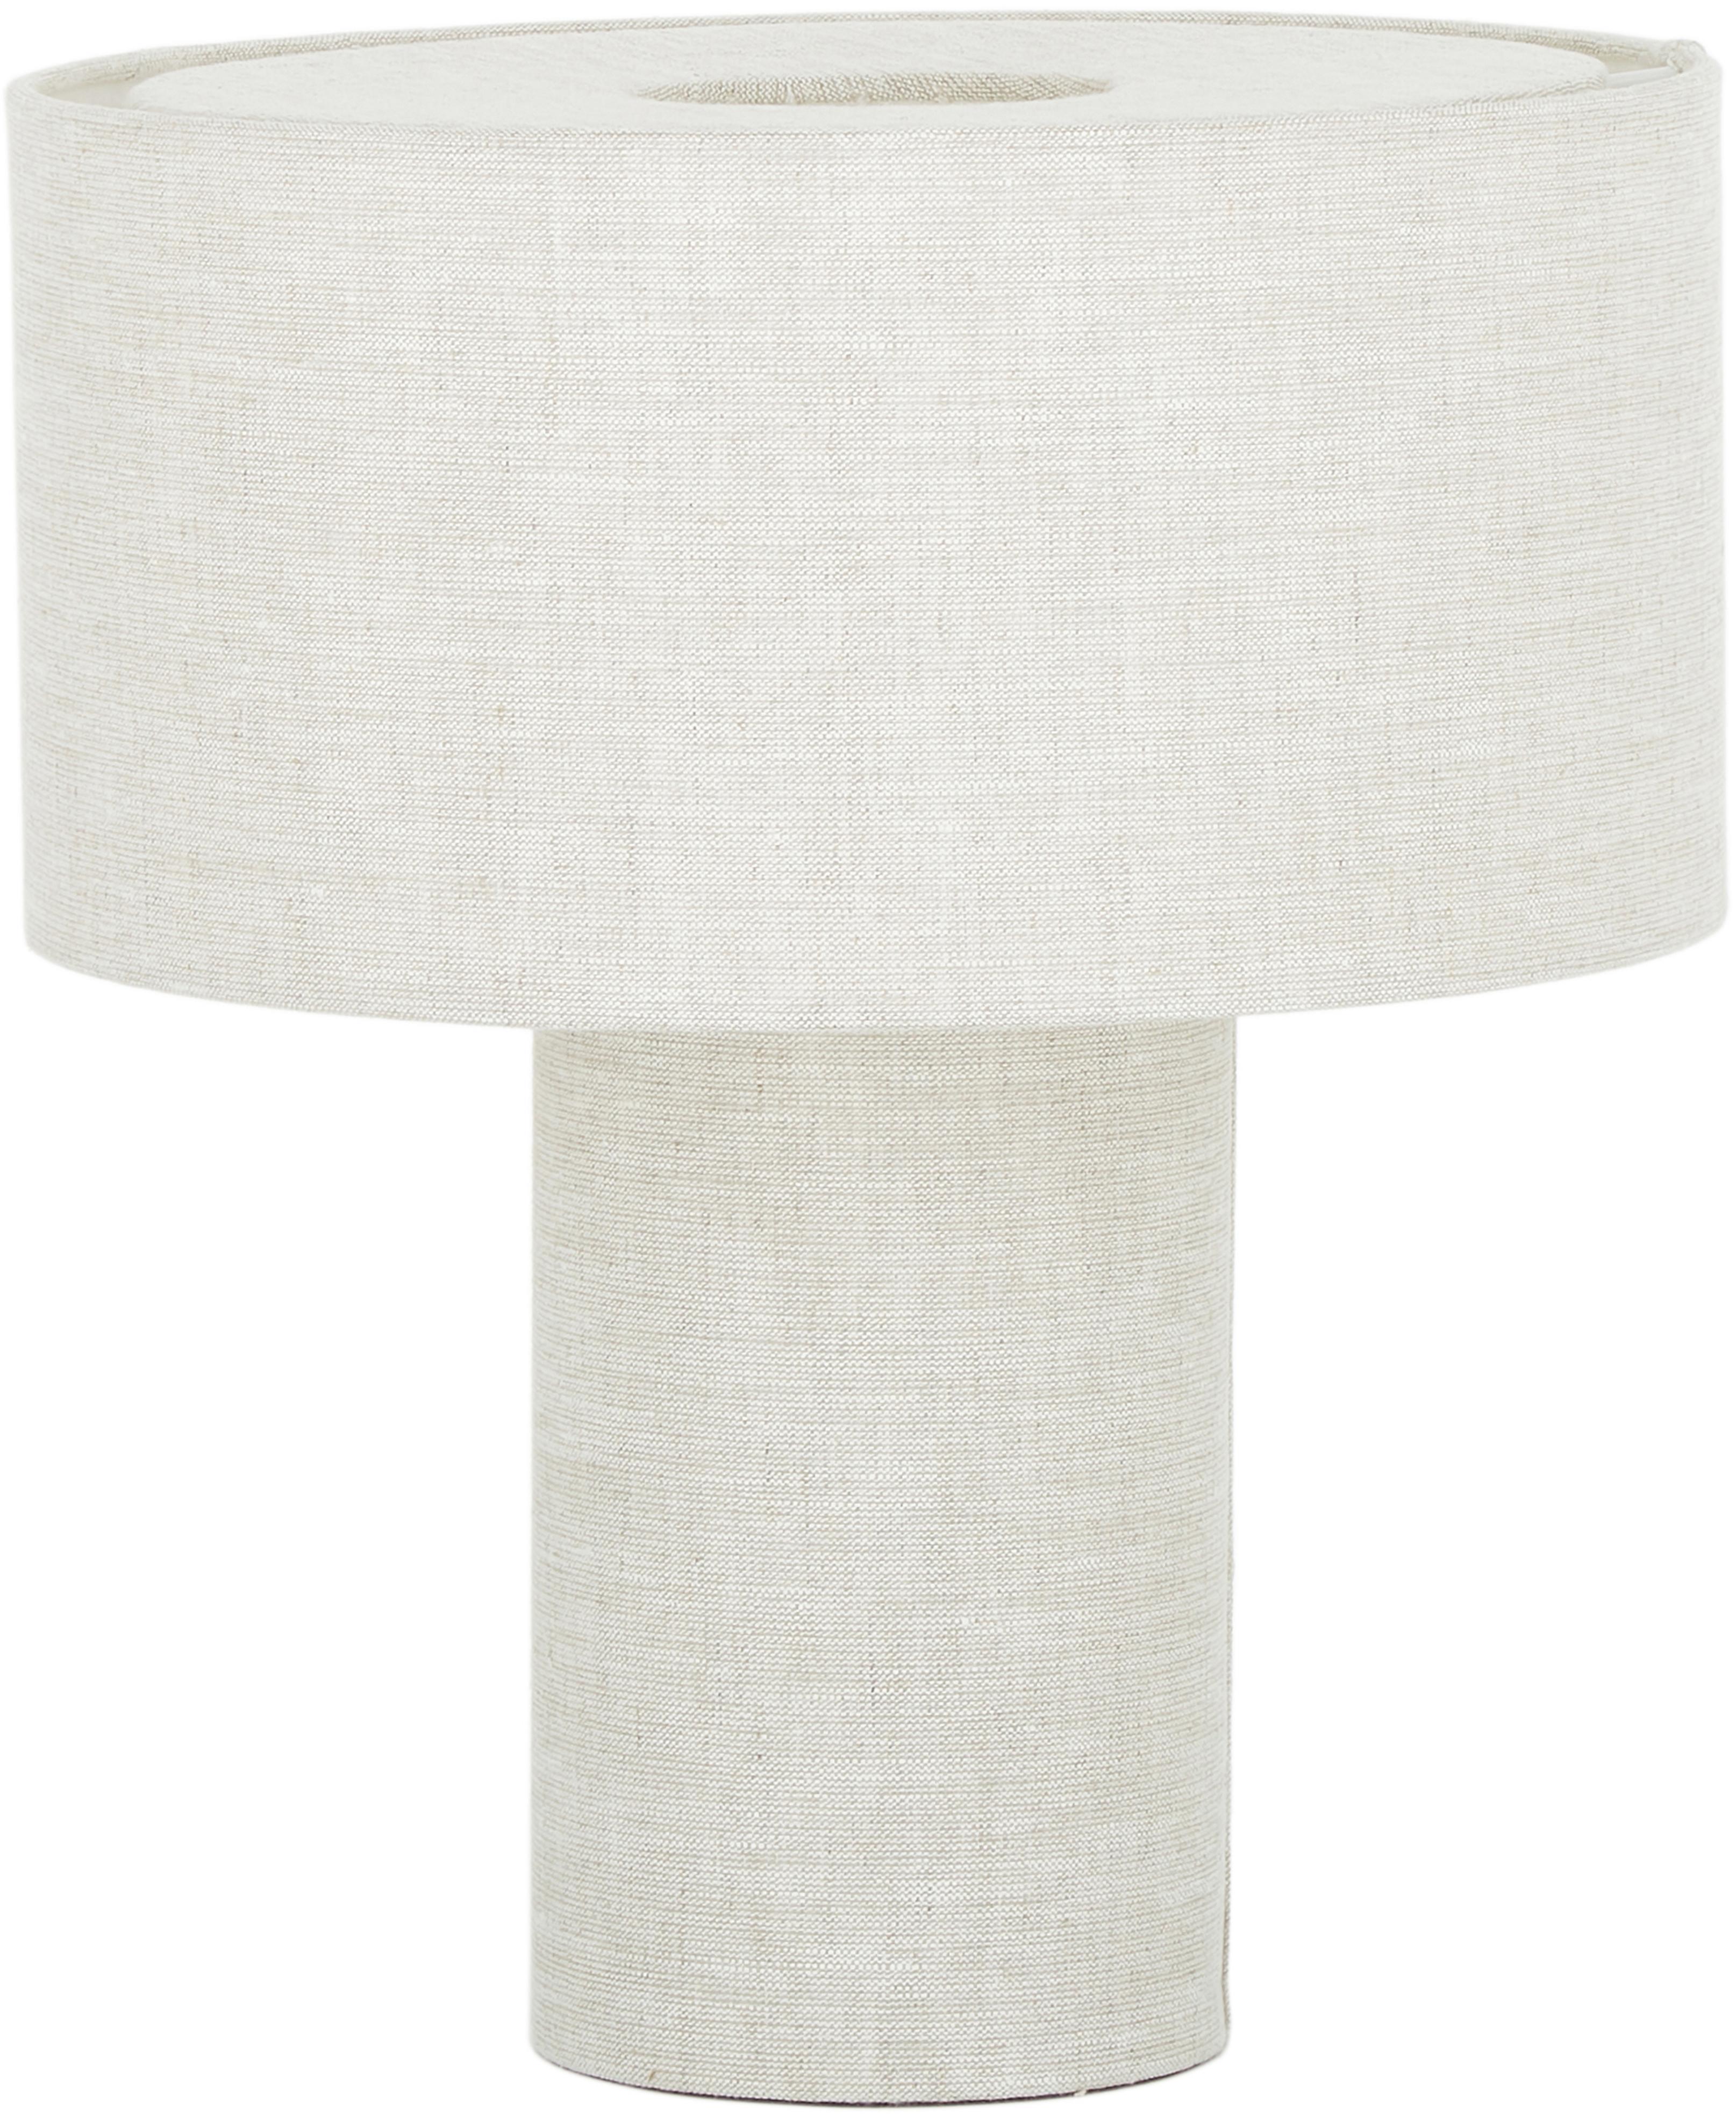 Tafellamp Ron, Lampenkap: textiel, Lampvoet: kunststof met textiel omh, Diffuser: textiel, Lampenkap: grijs. Lampvoet: grijs. Snoer: wit, Ø 30 x H 35 cm